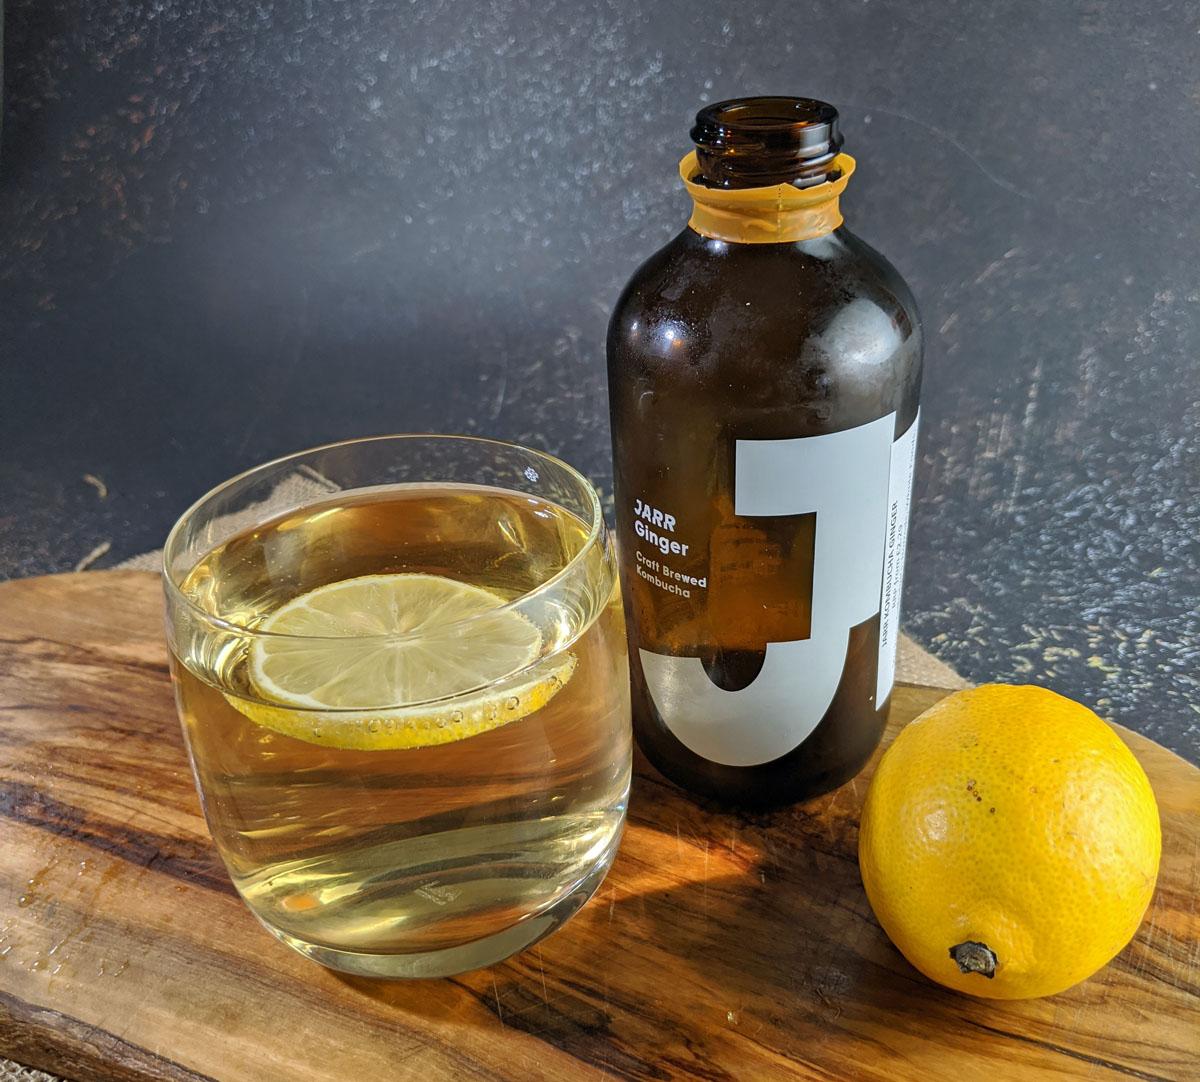 Jarr Kombucha Ginger with Lemon